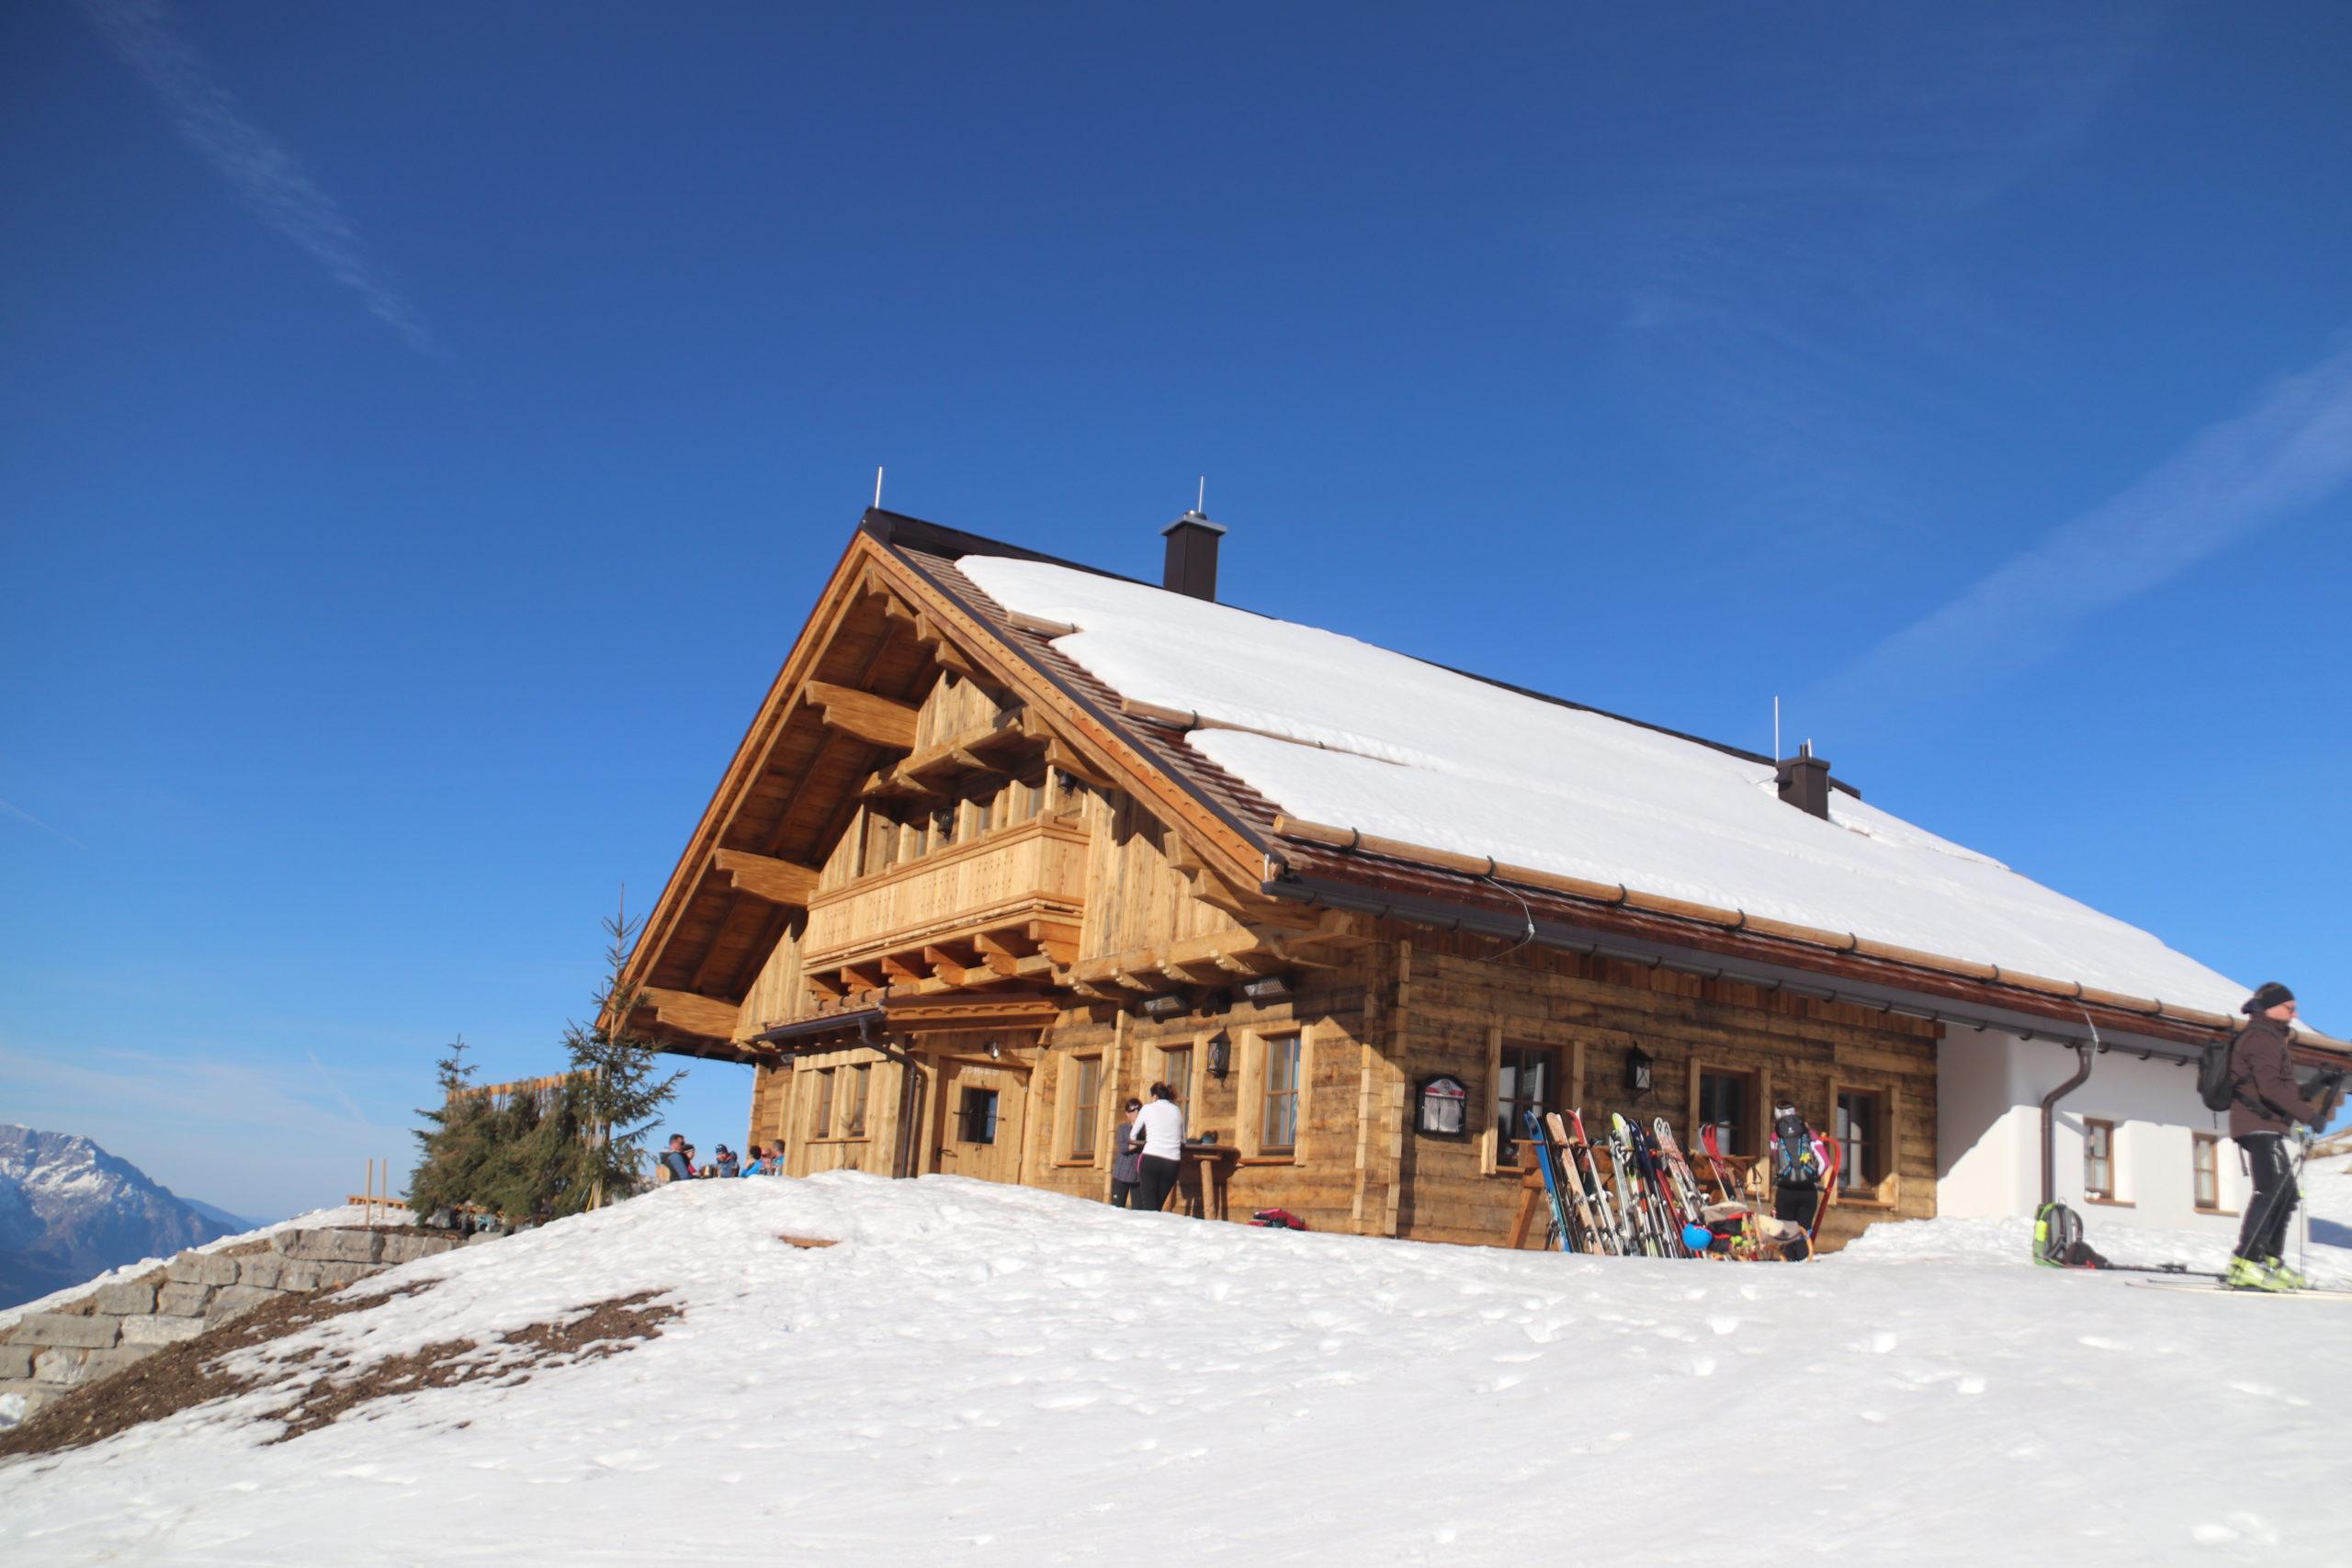 © SalzburgerLand Tourismus, Martina Egger. Nach der Skitour auf den Trattberg wird auf der Enzian-Hütte eingekehrt